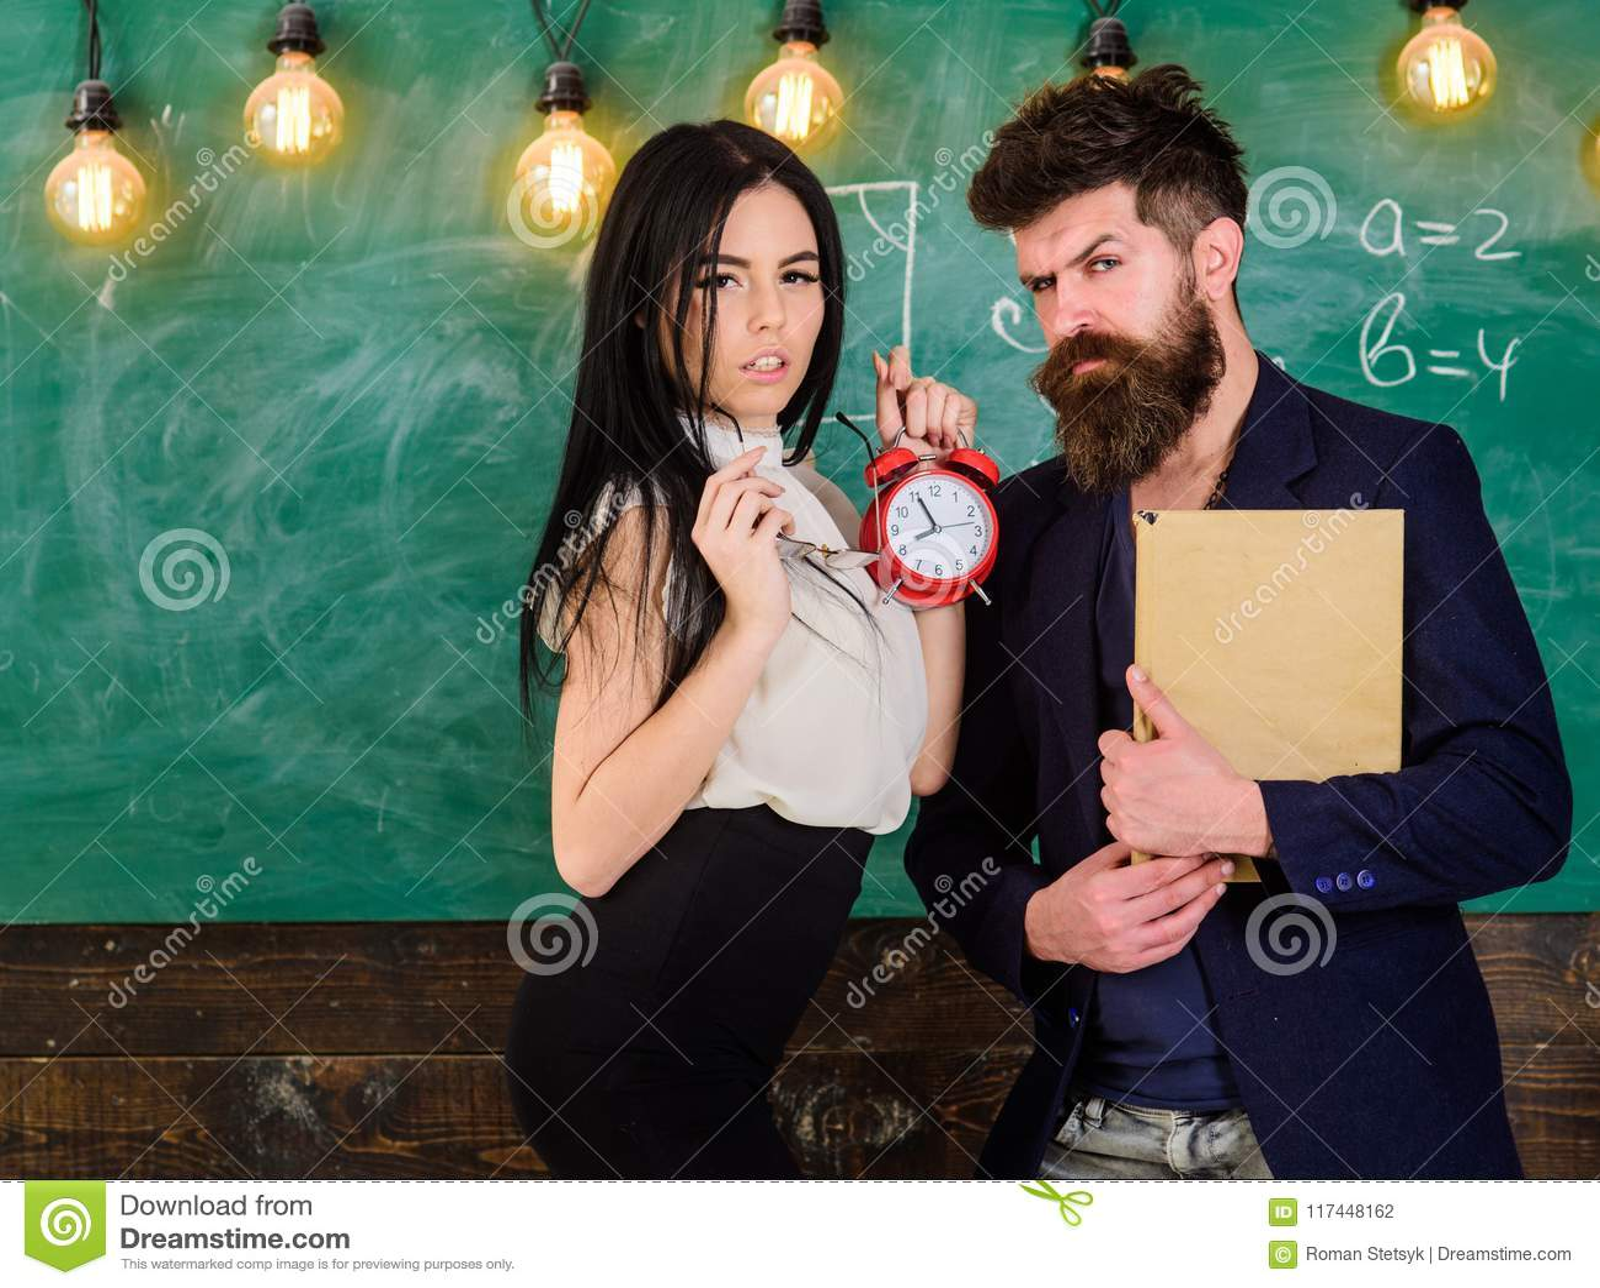 Το σχολείο κυβερνά την έννοια Γυναικείος δάσκαλος και ακριβής schoolmaster προσοχή για την πειθαρχία και κανόνες στο σχολείο άτομ